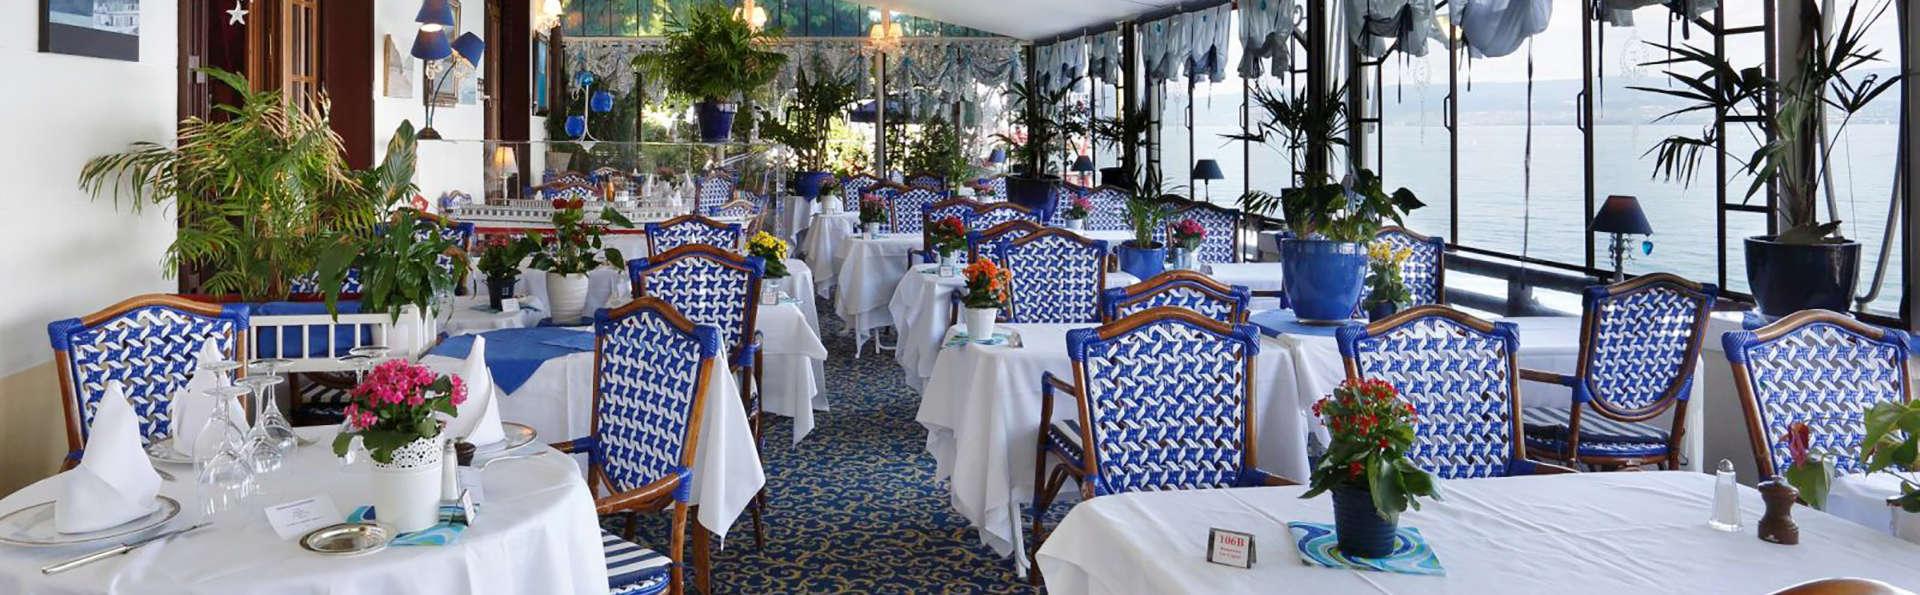 Escapade gourmande et chambre avec vue sur le lac, à Evian-les-Bains